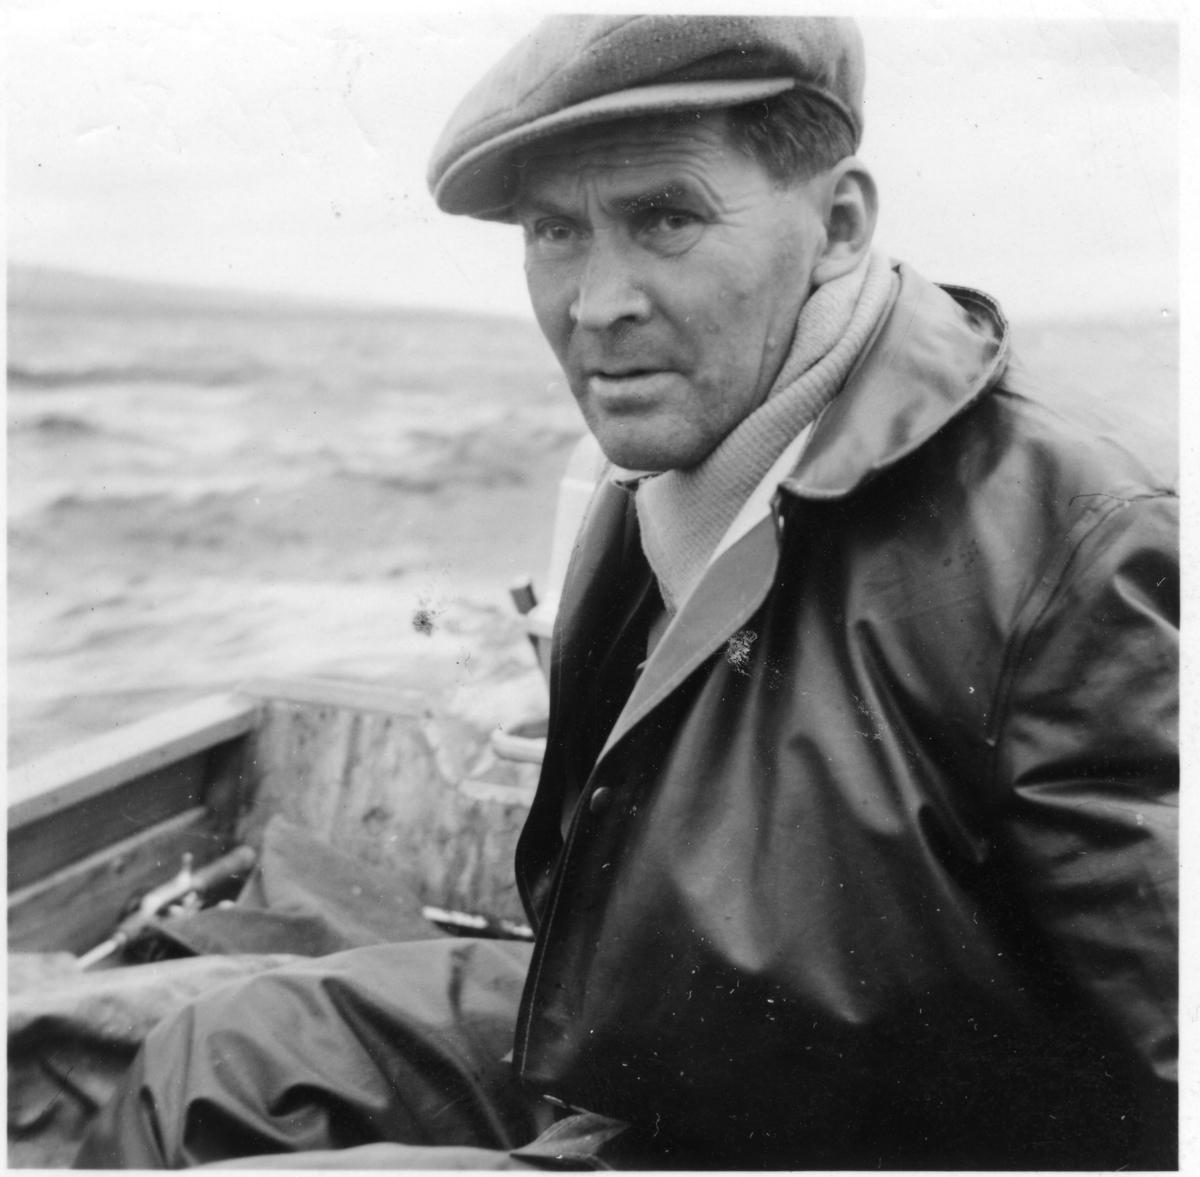 Portrett av mann i båt